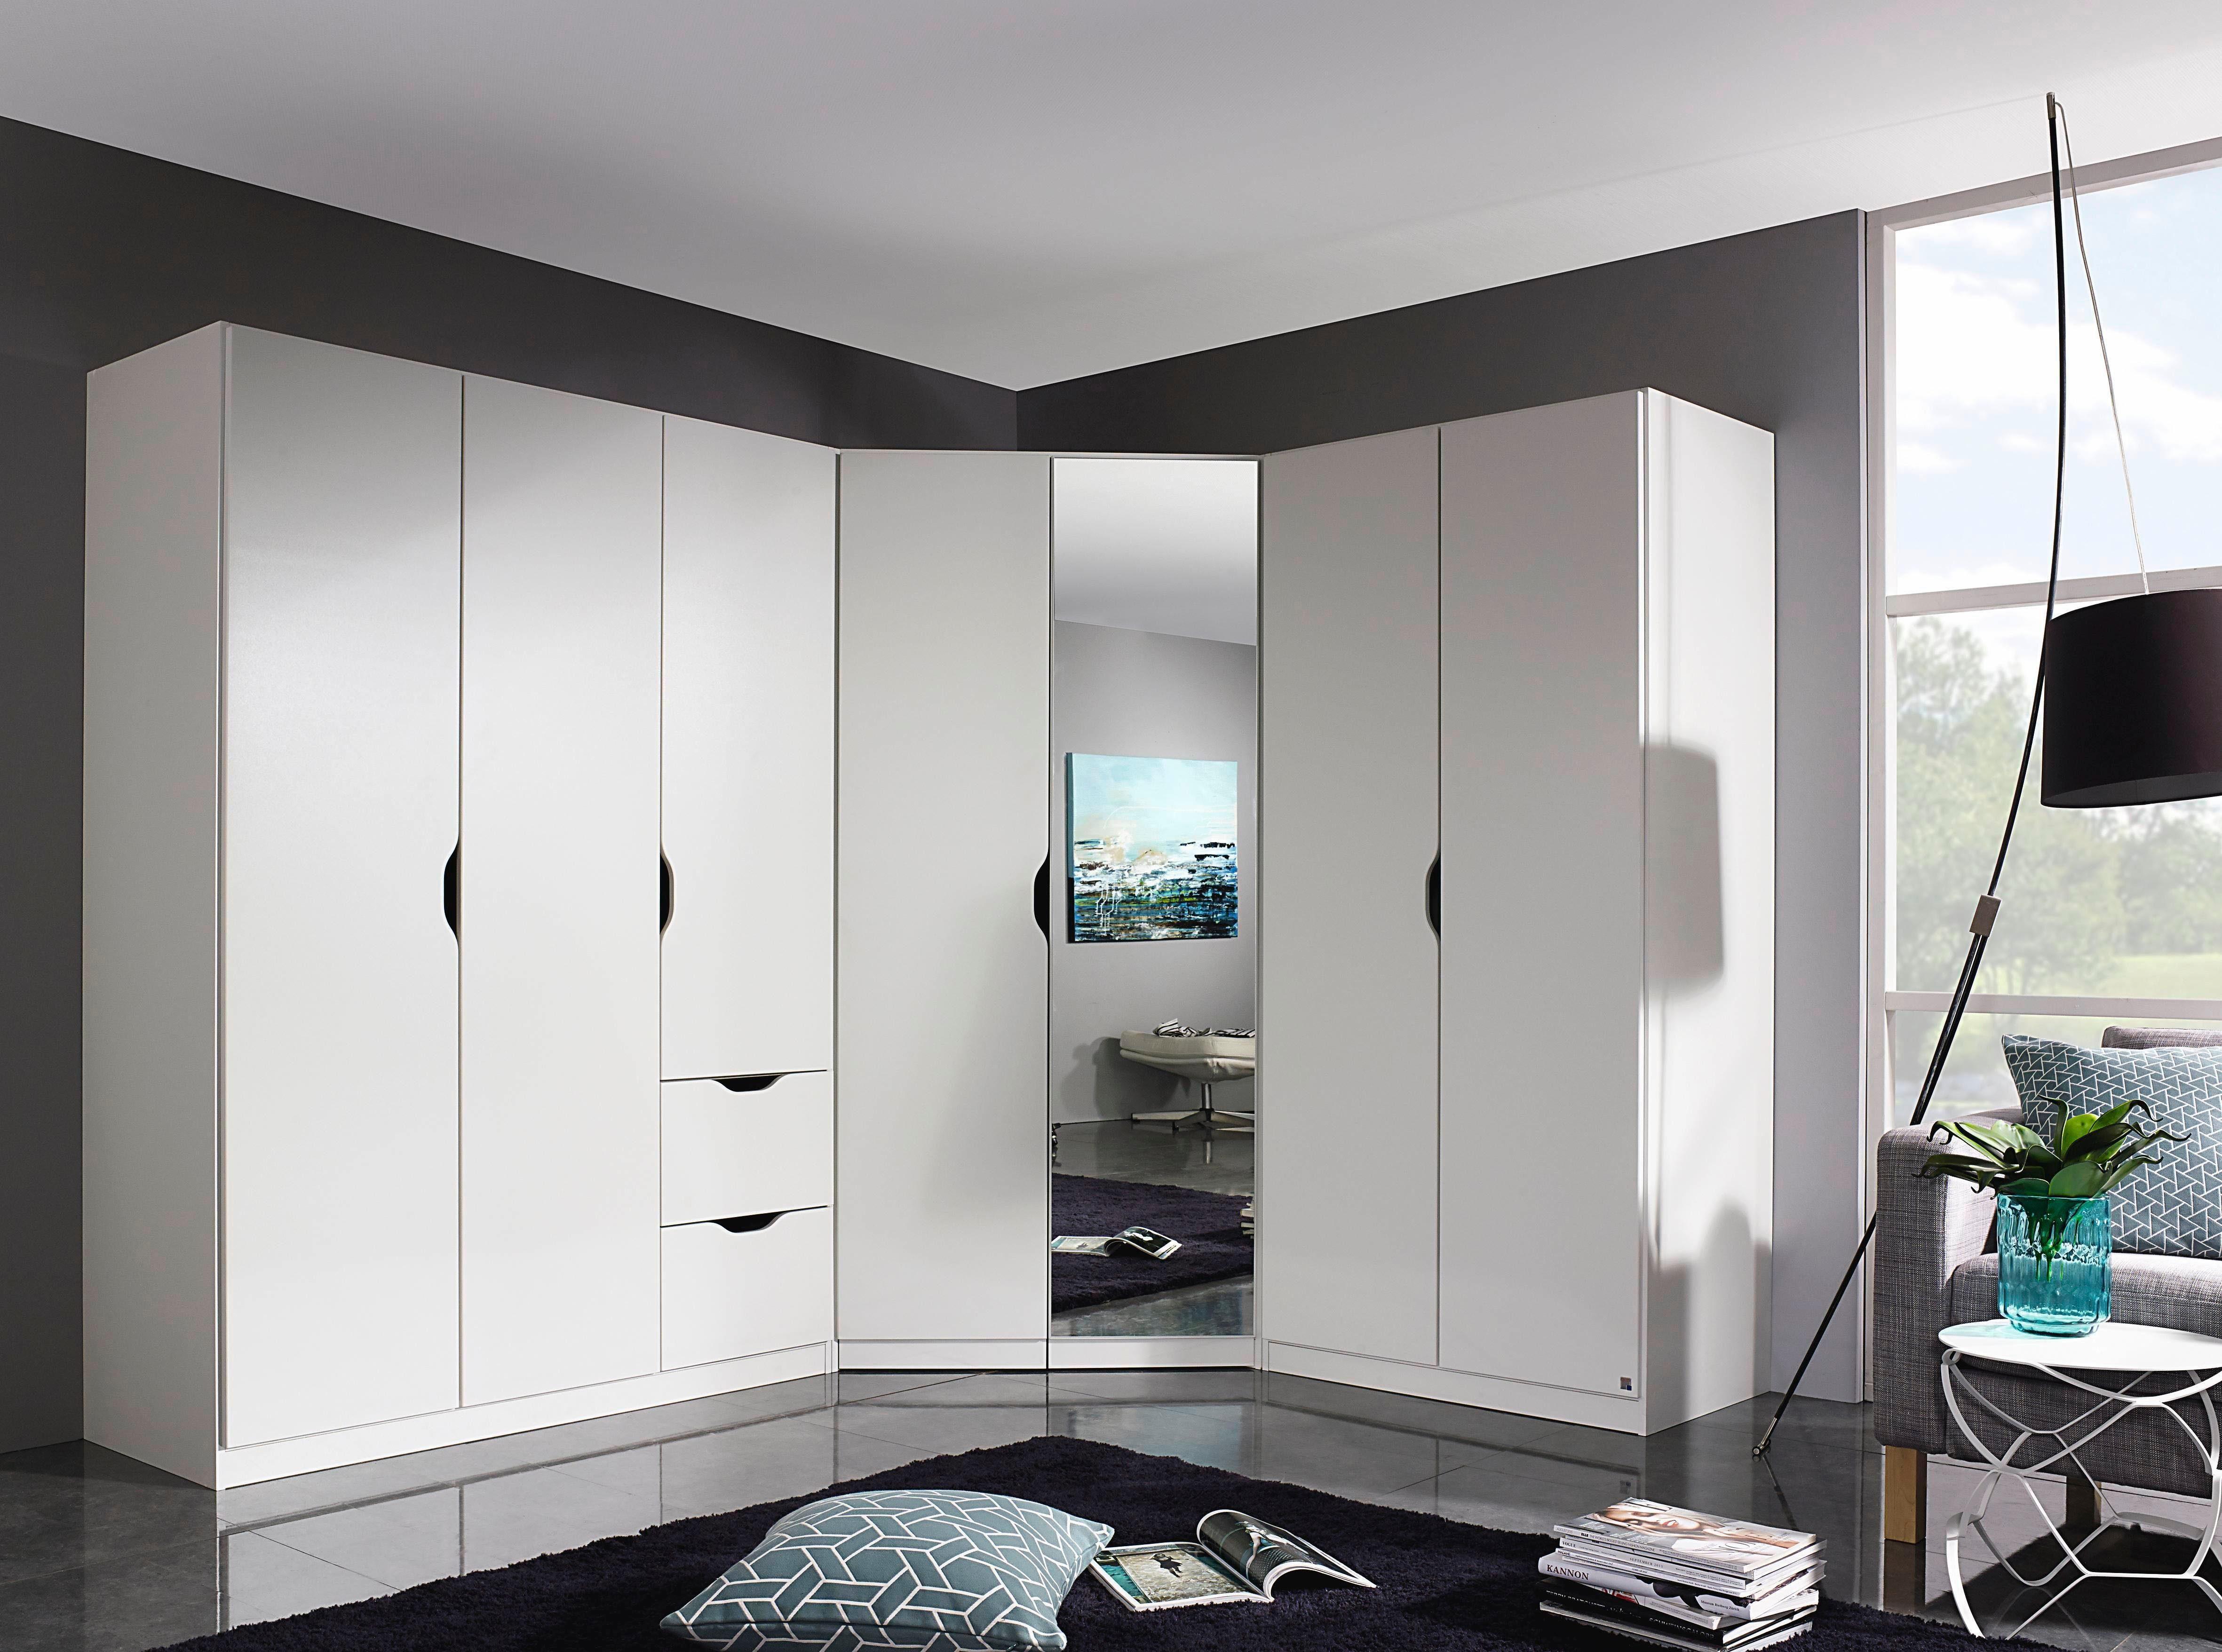 Witte Slaapkamer Inrichten : Slaapkamer inrichten koop hier online je slaapkamermeubels otto